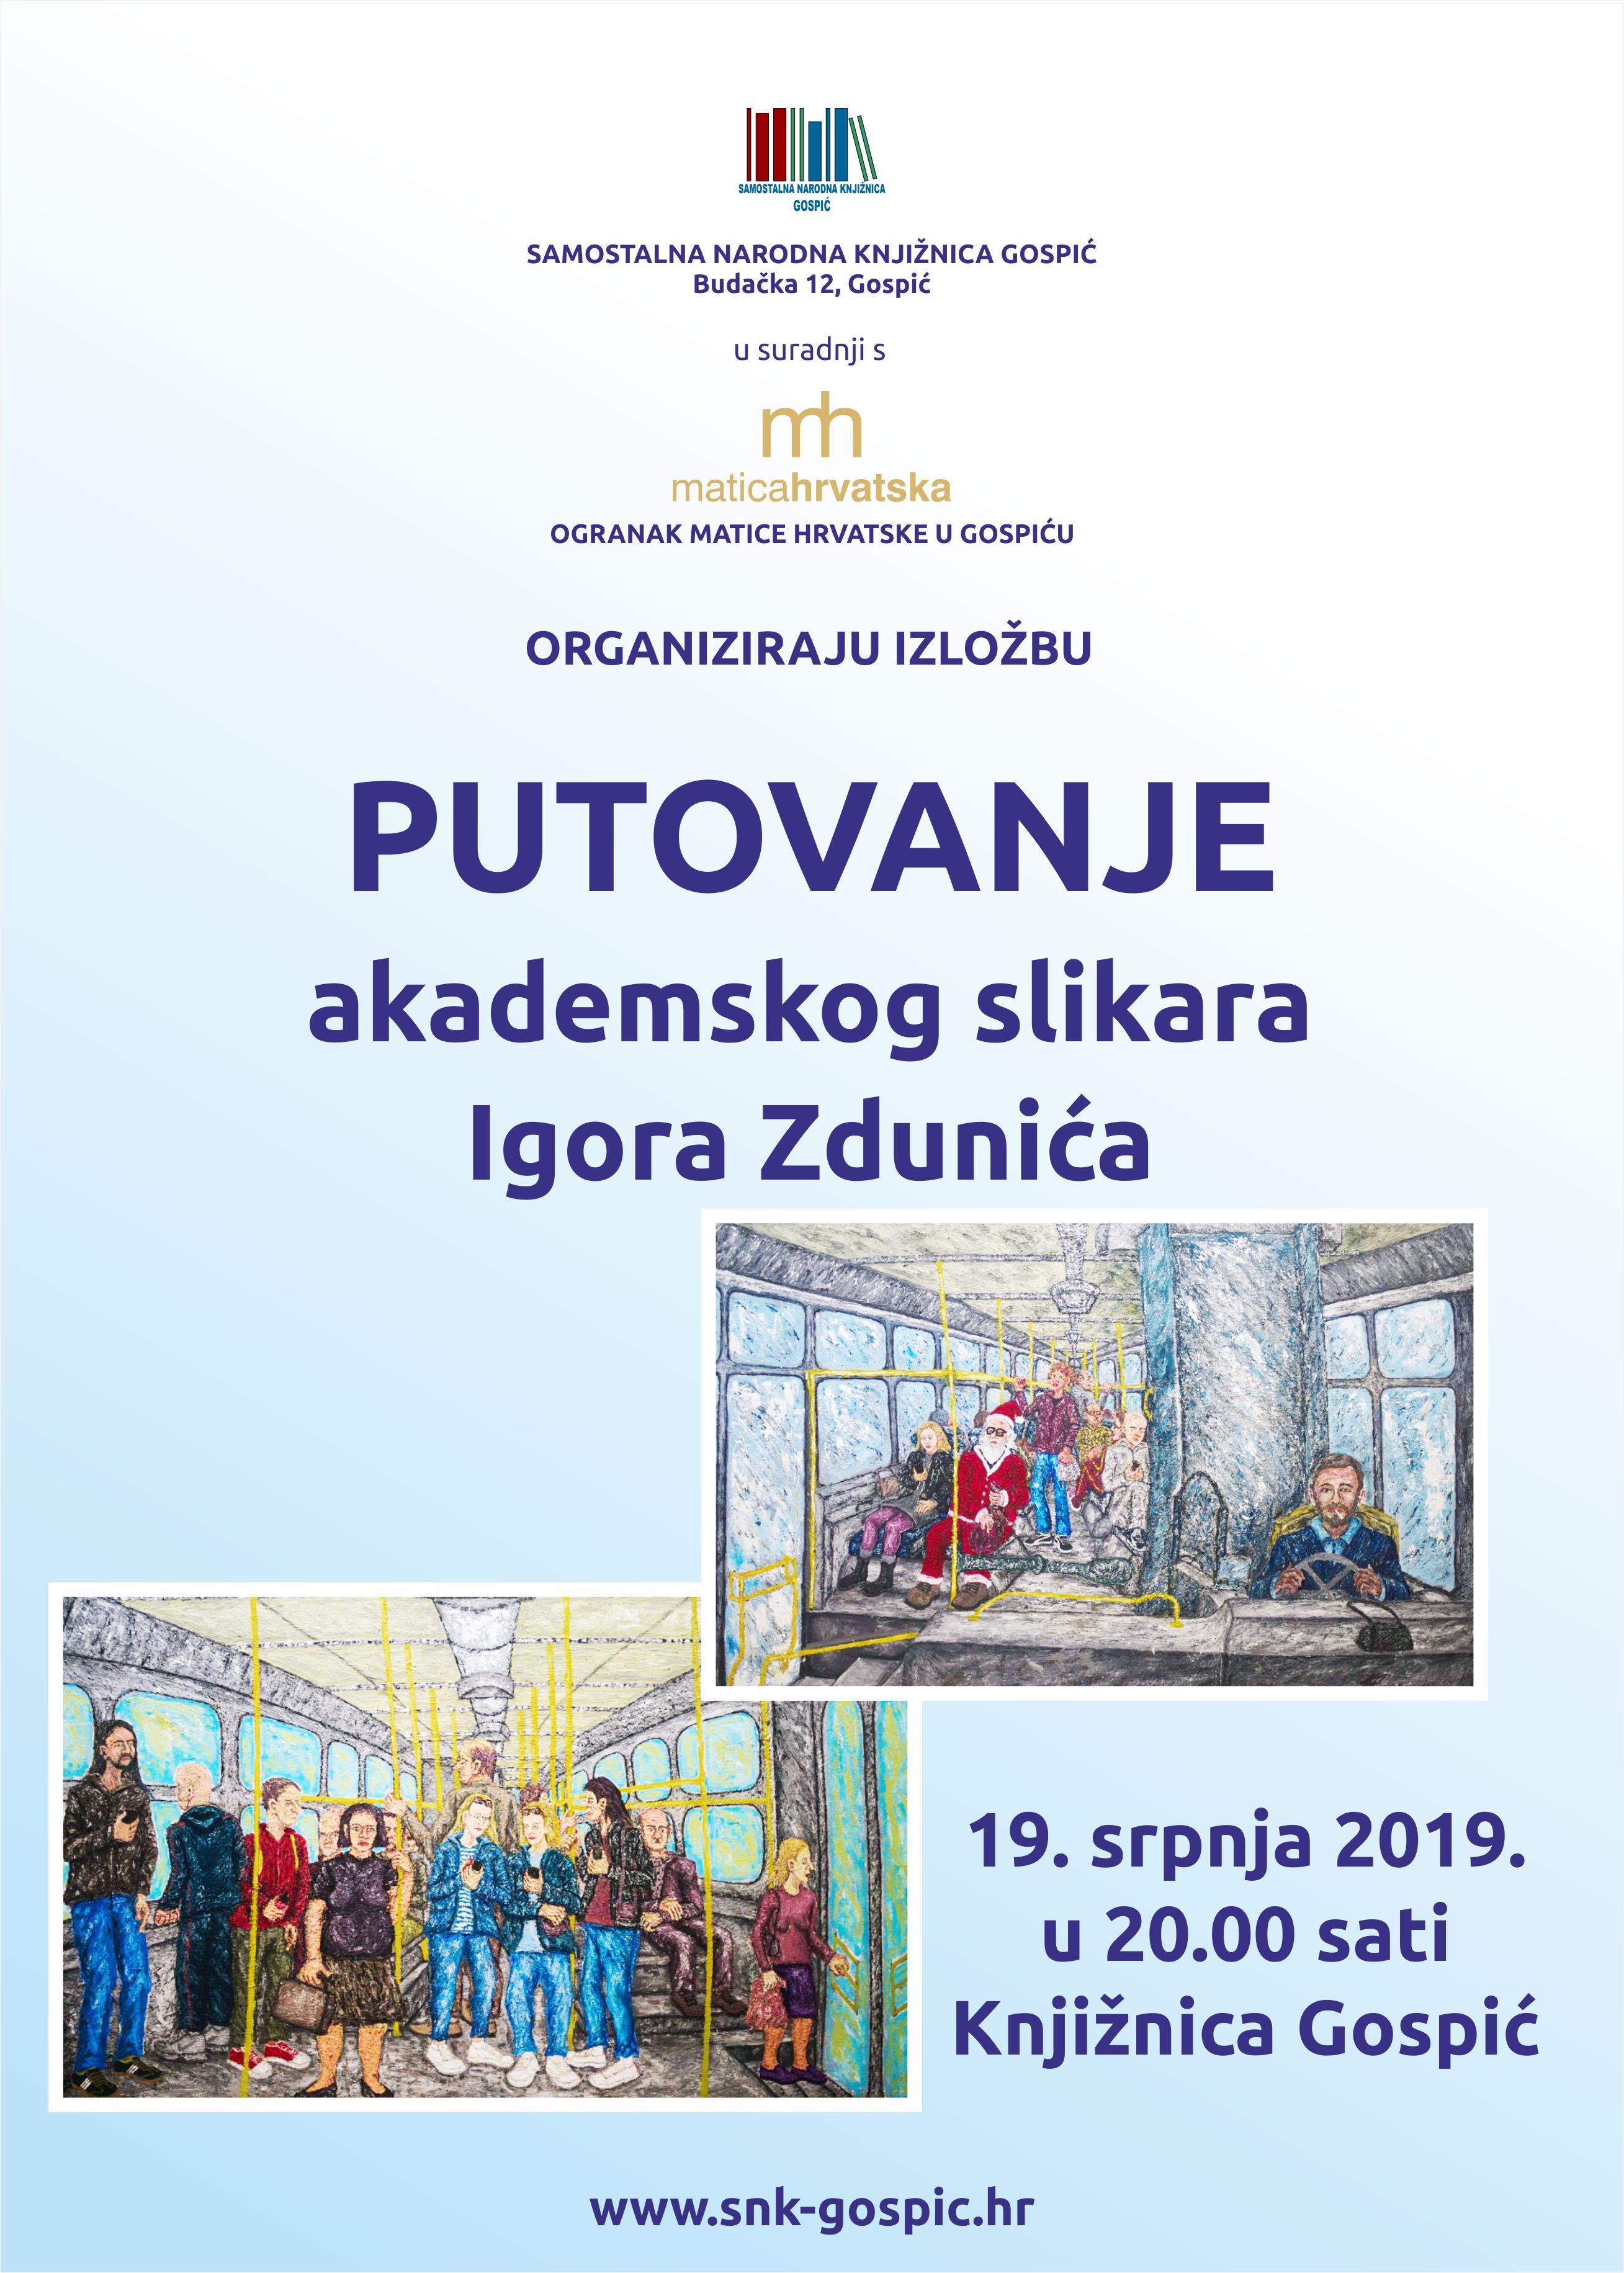 PUTOVANJE AKADEMSKOG SLIKARA Igora Zdunića